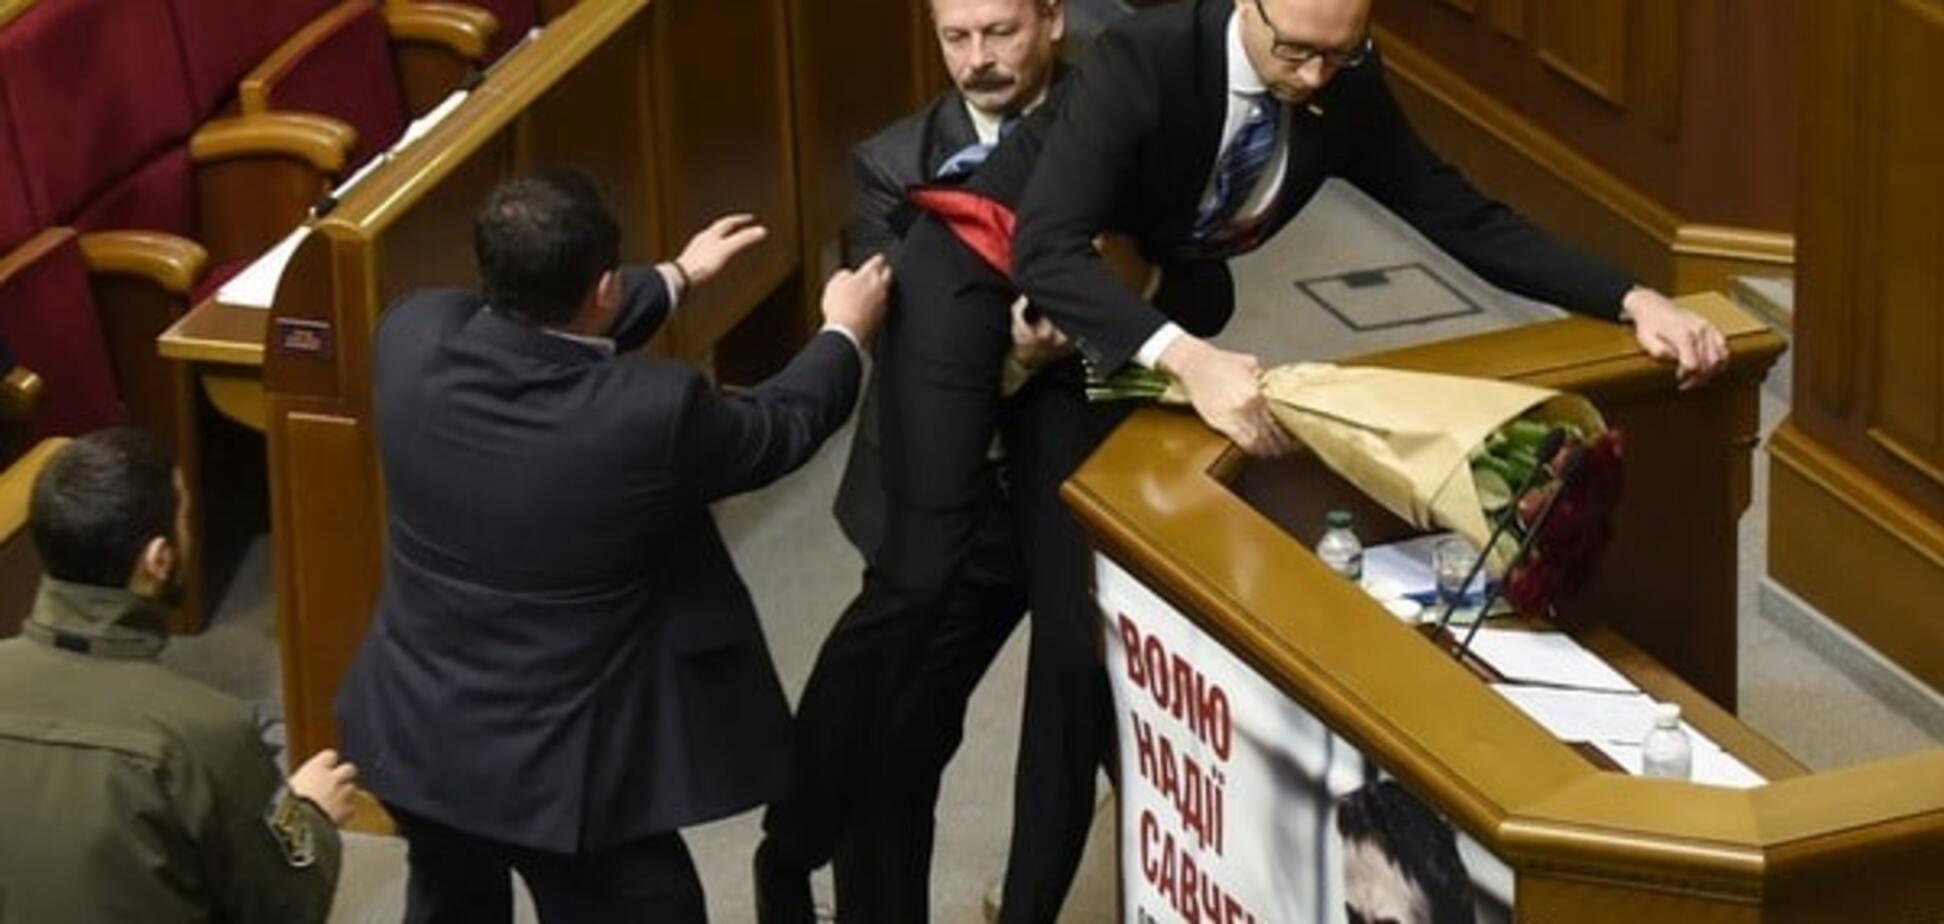 Украинская политика съехала в буффонаду - Bloomberg View